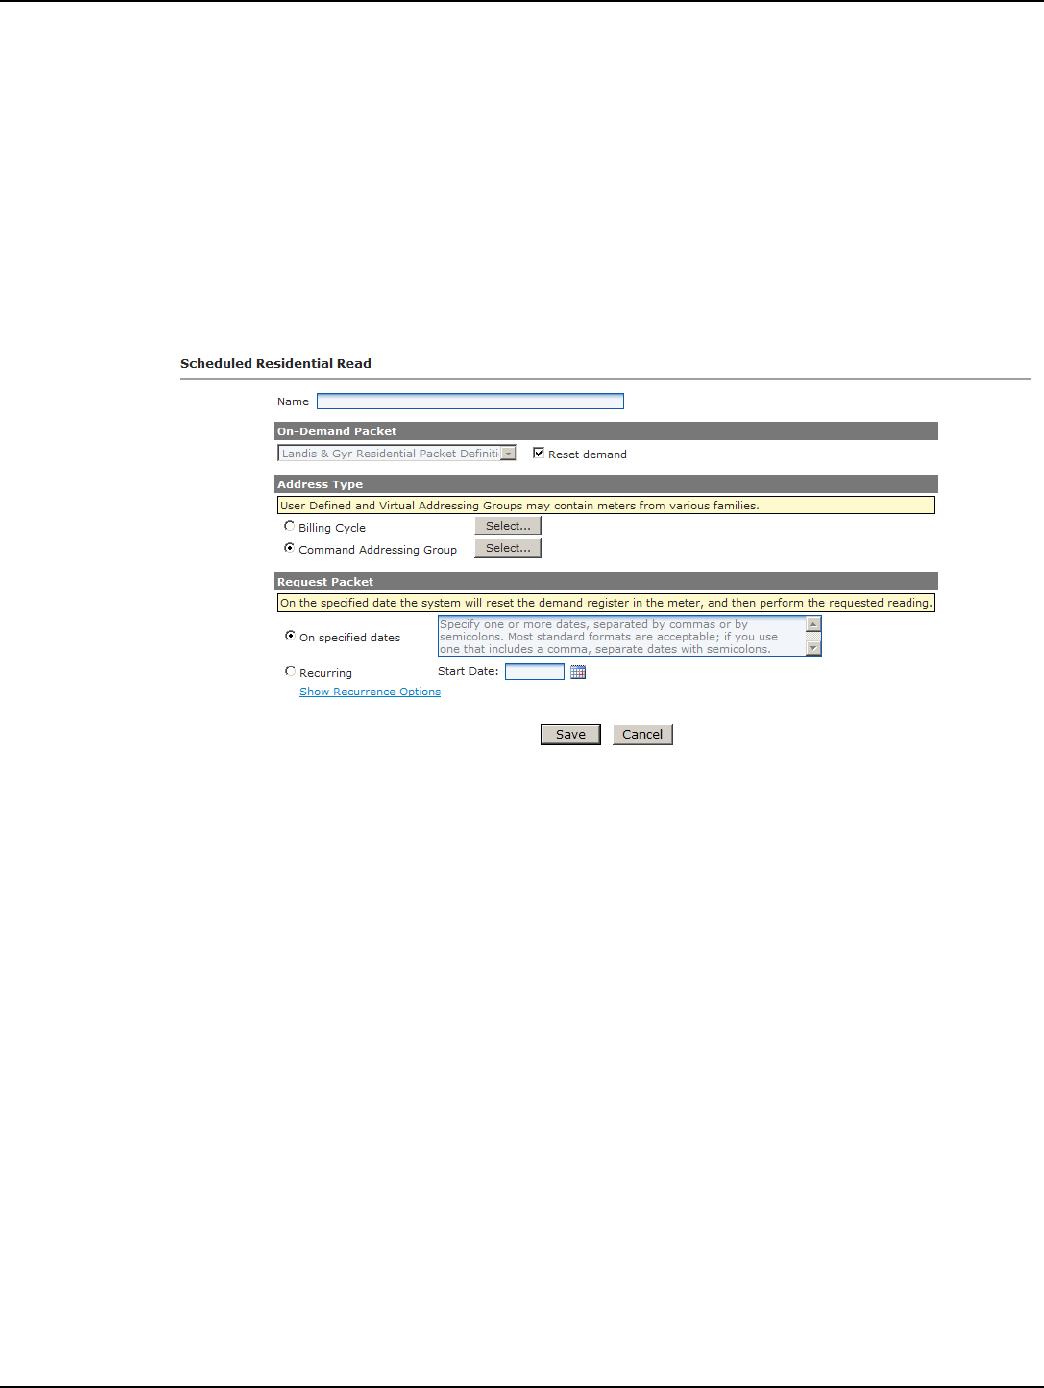 UserManual wiki